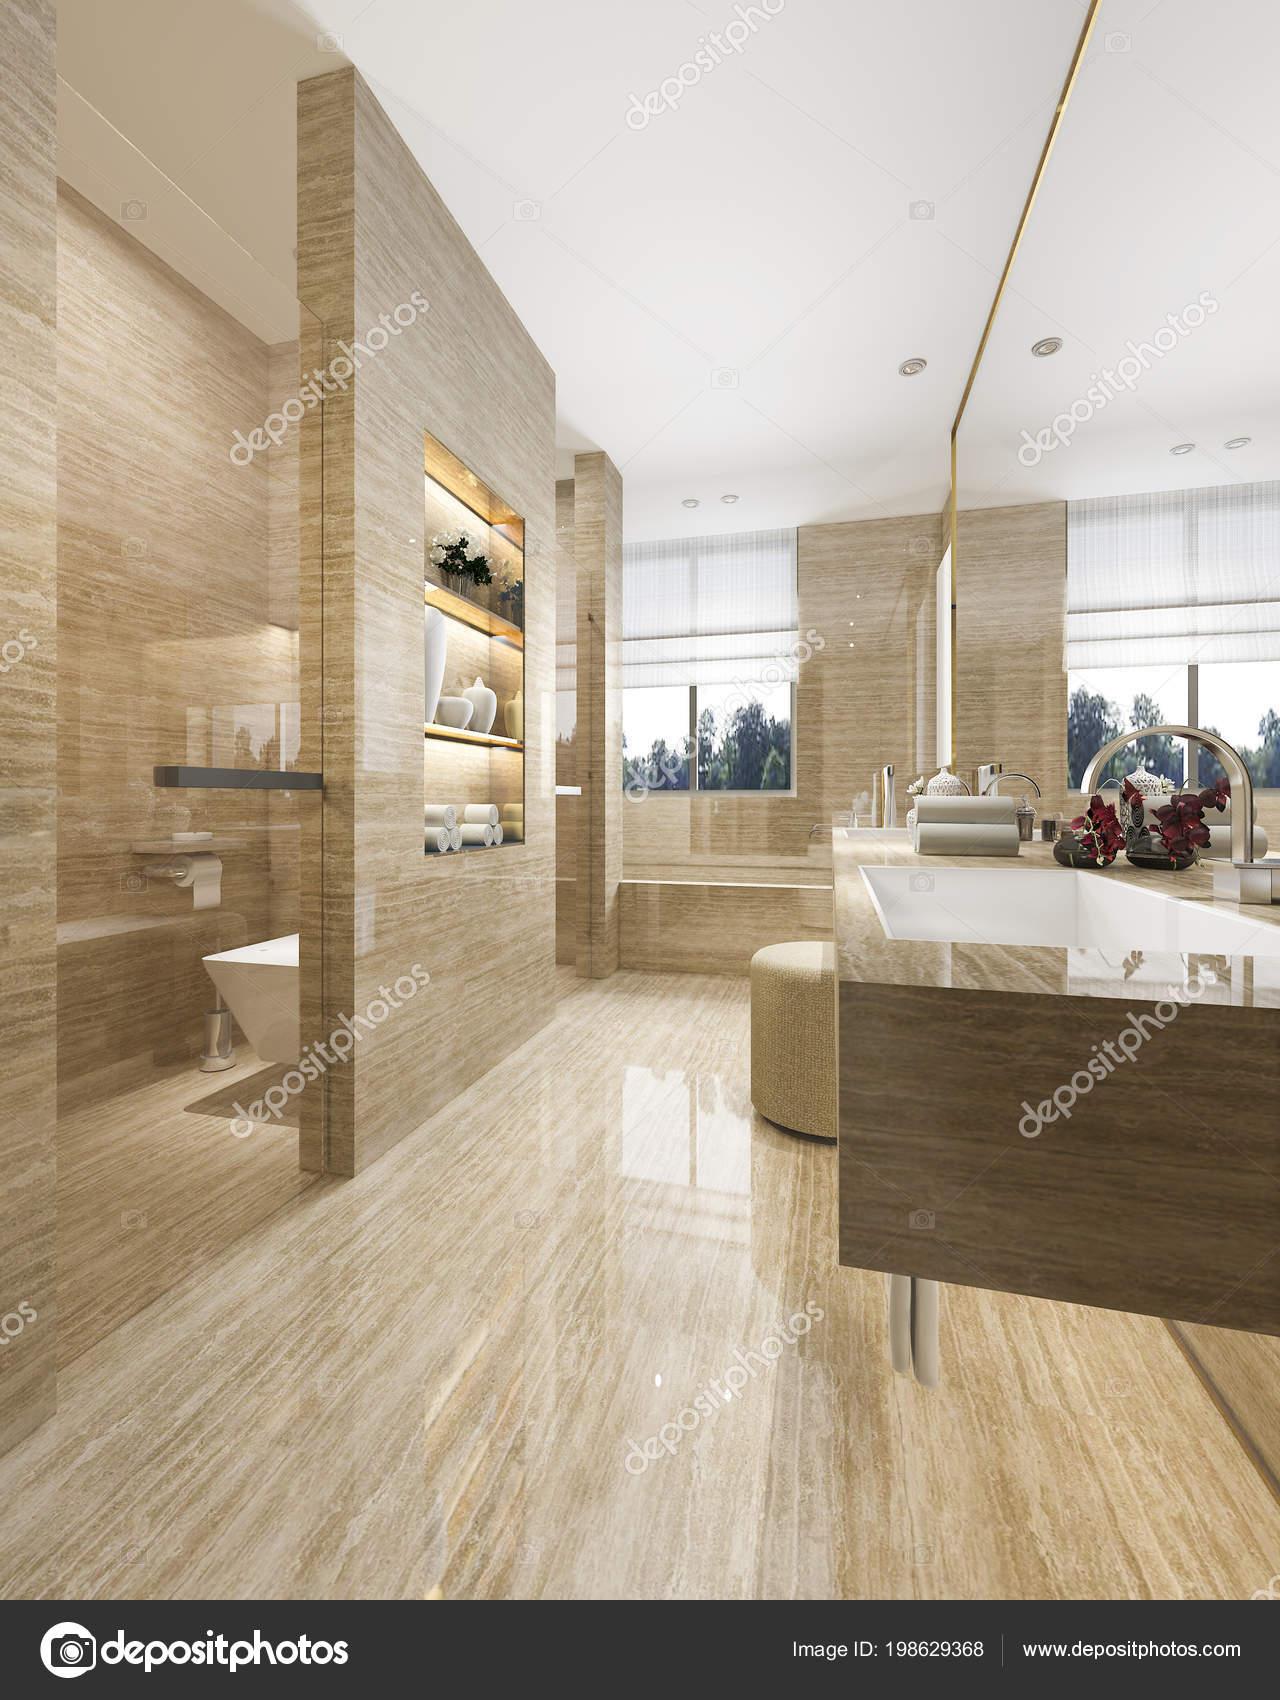 Salle Bains Moderne Rendu Avec Luxe Carrelage Décoration ...